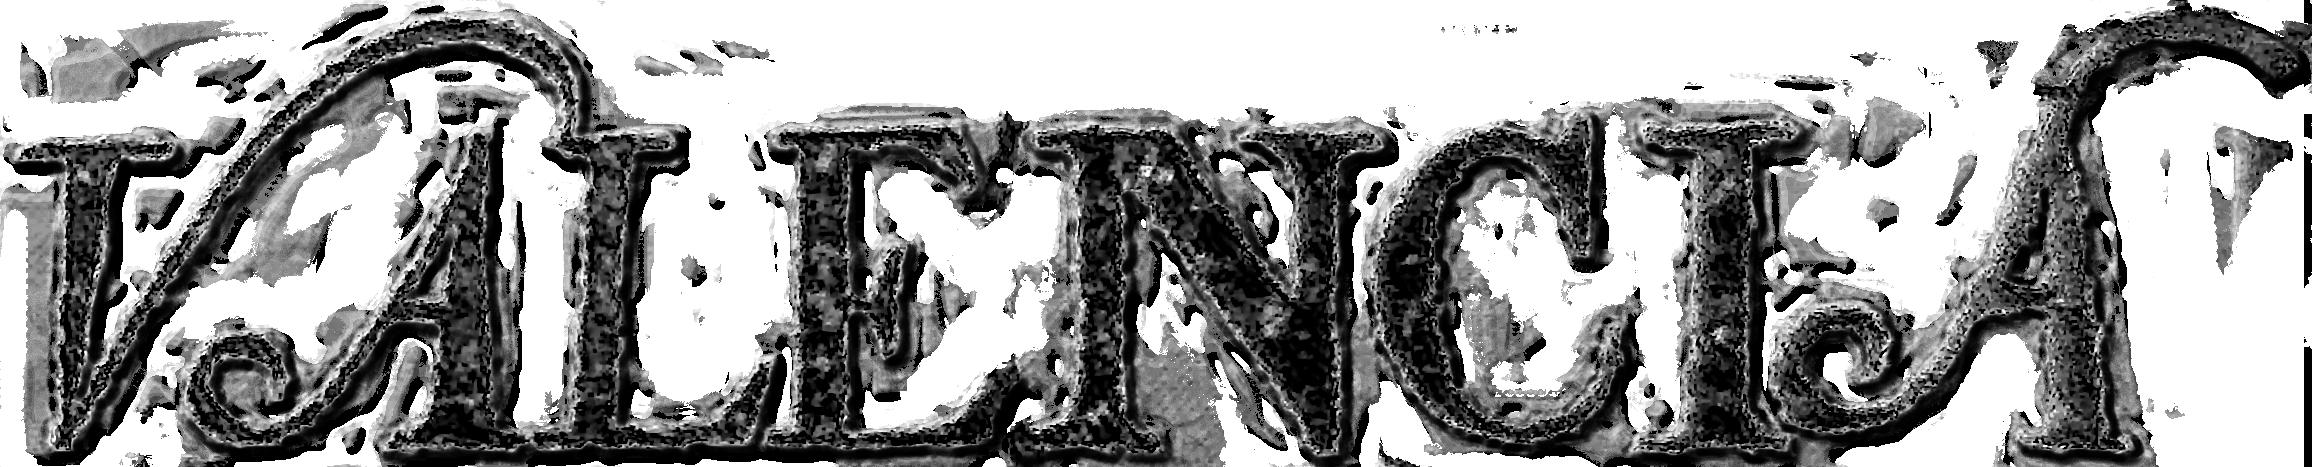 caligrafía de valencia